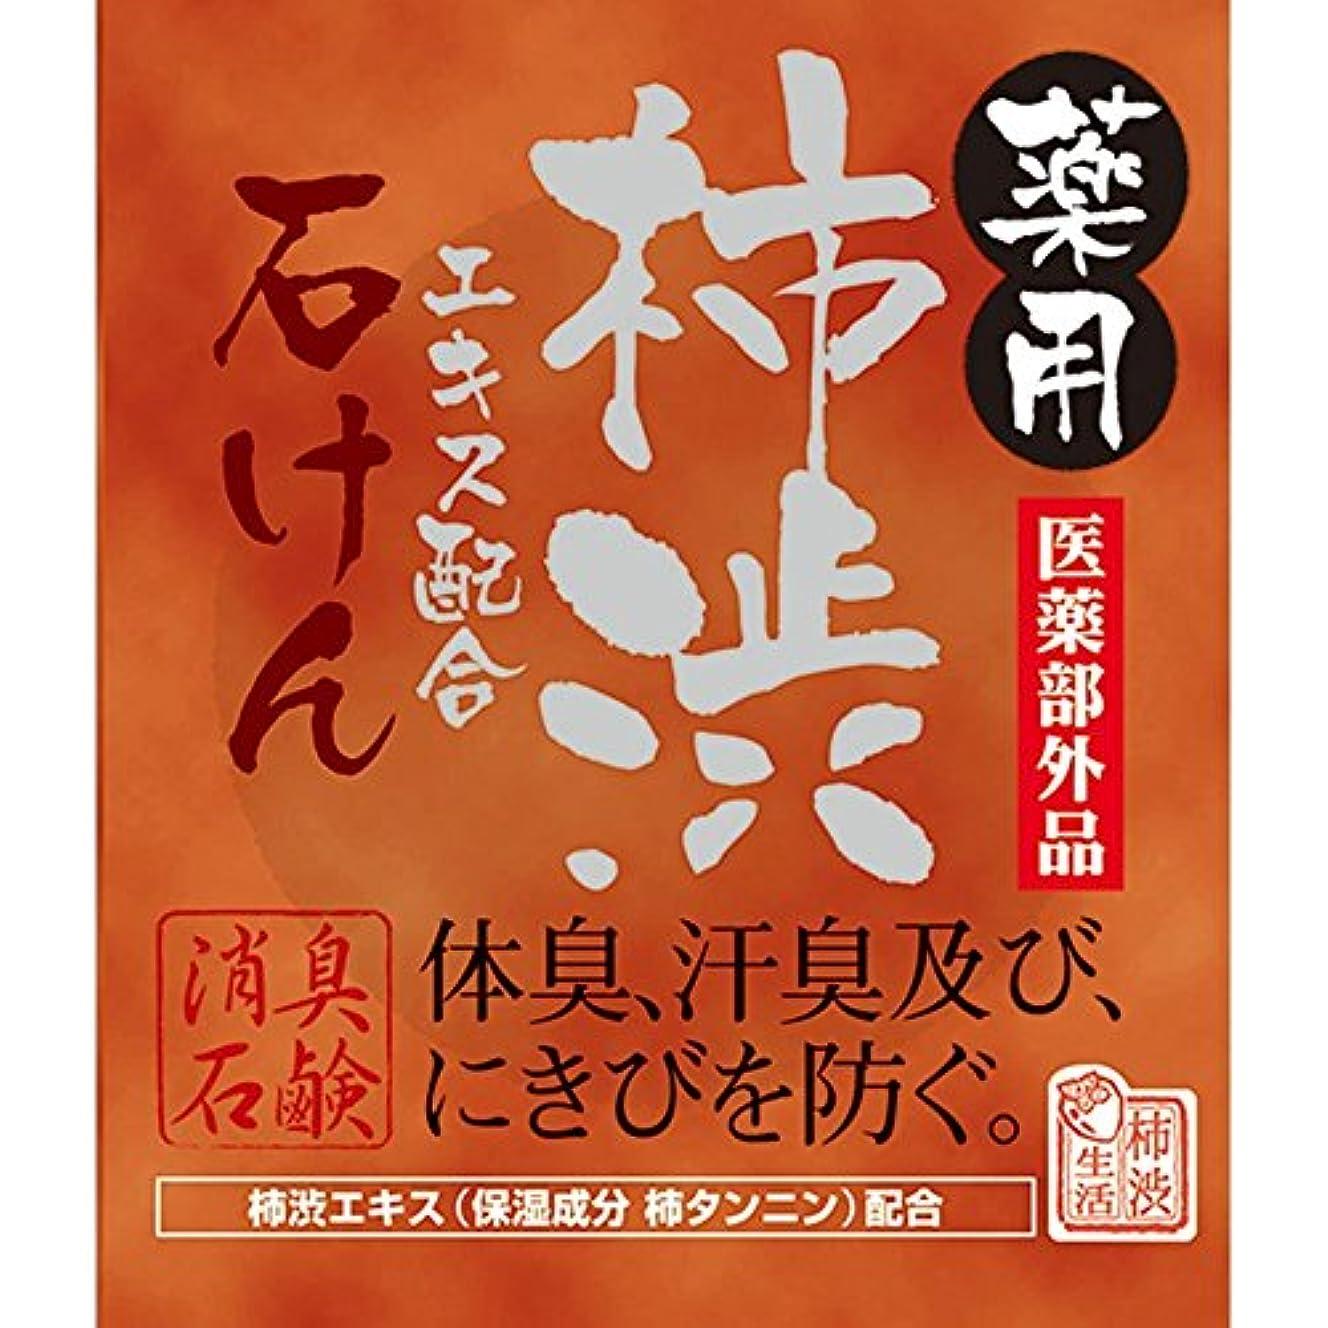 ペニー鎮静剤コンプリート薬用柿渋石けん 100g×2個